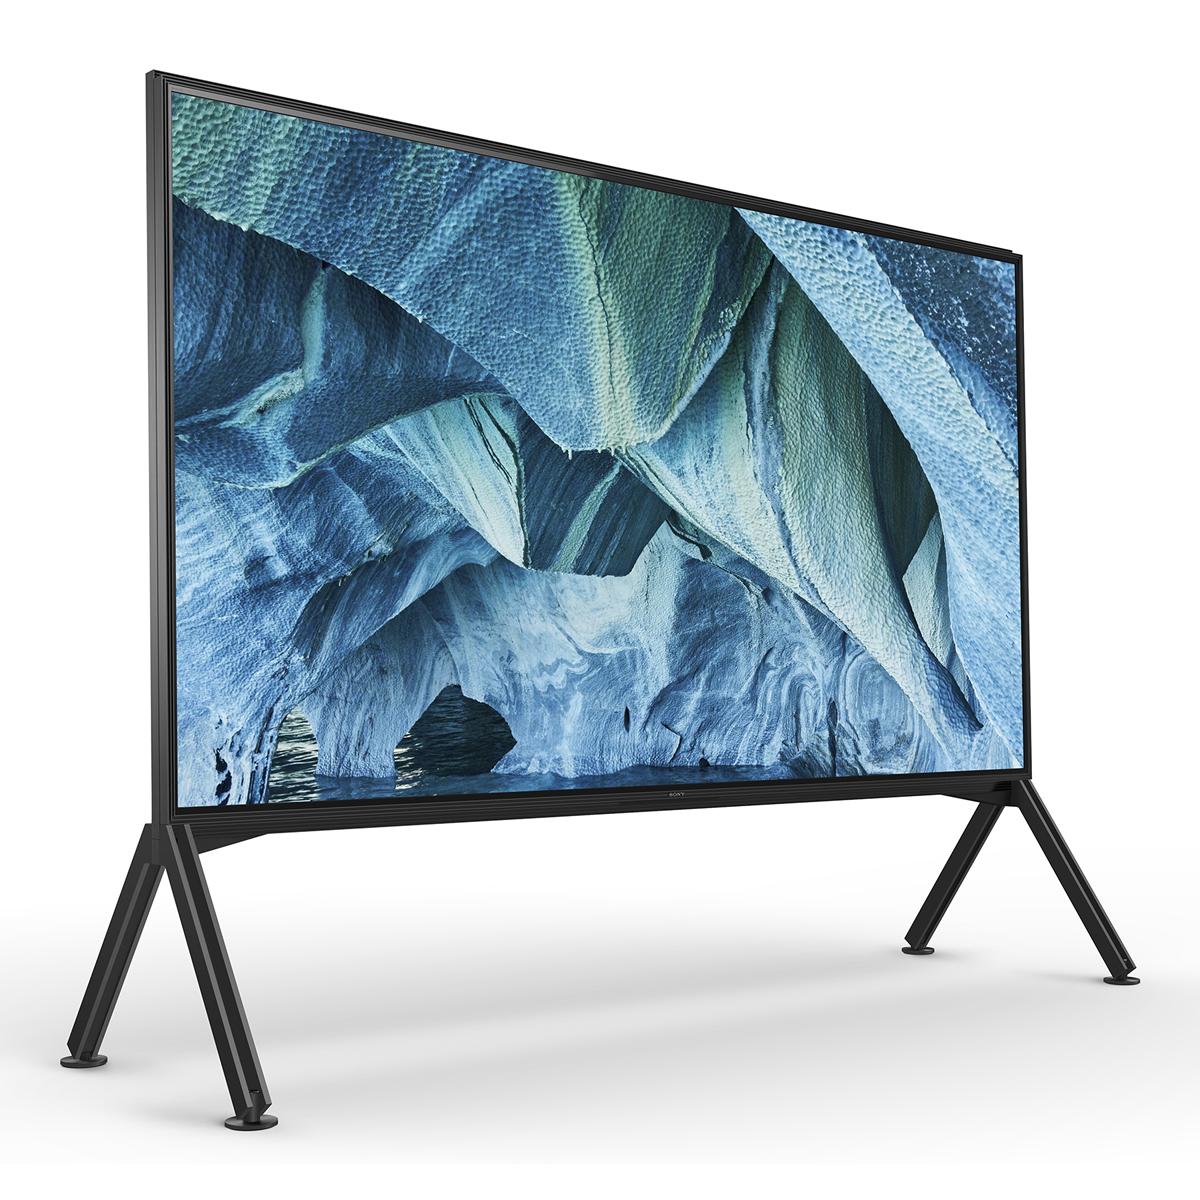 Image of 98inch 8K HDR LED SMART TV WiFi Google Assistance